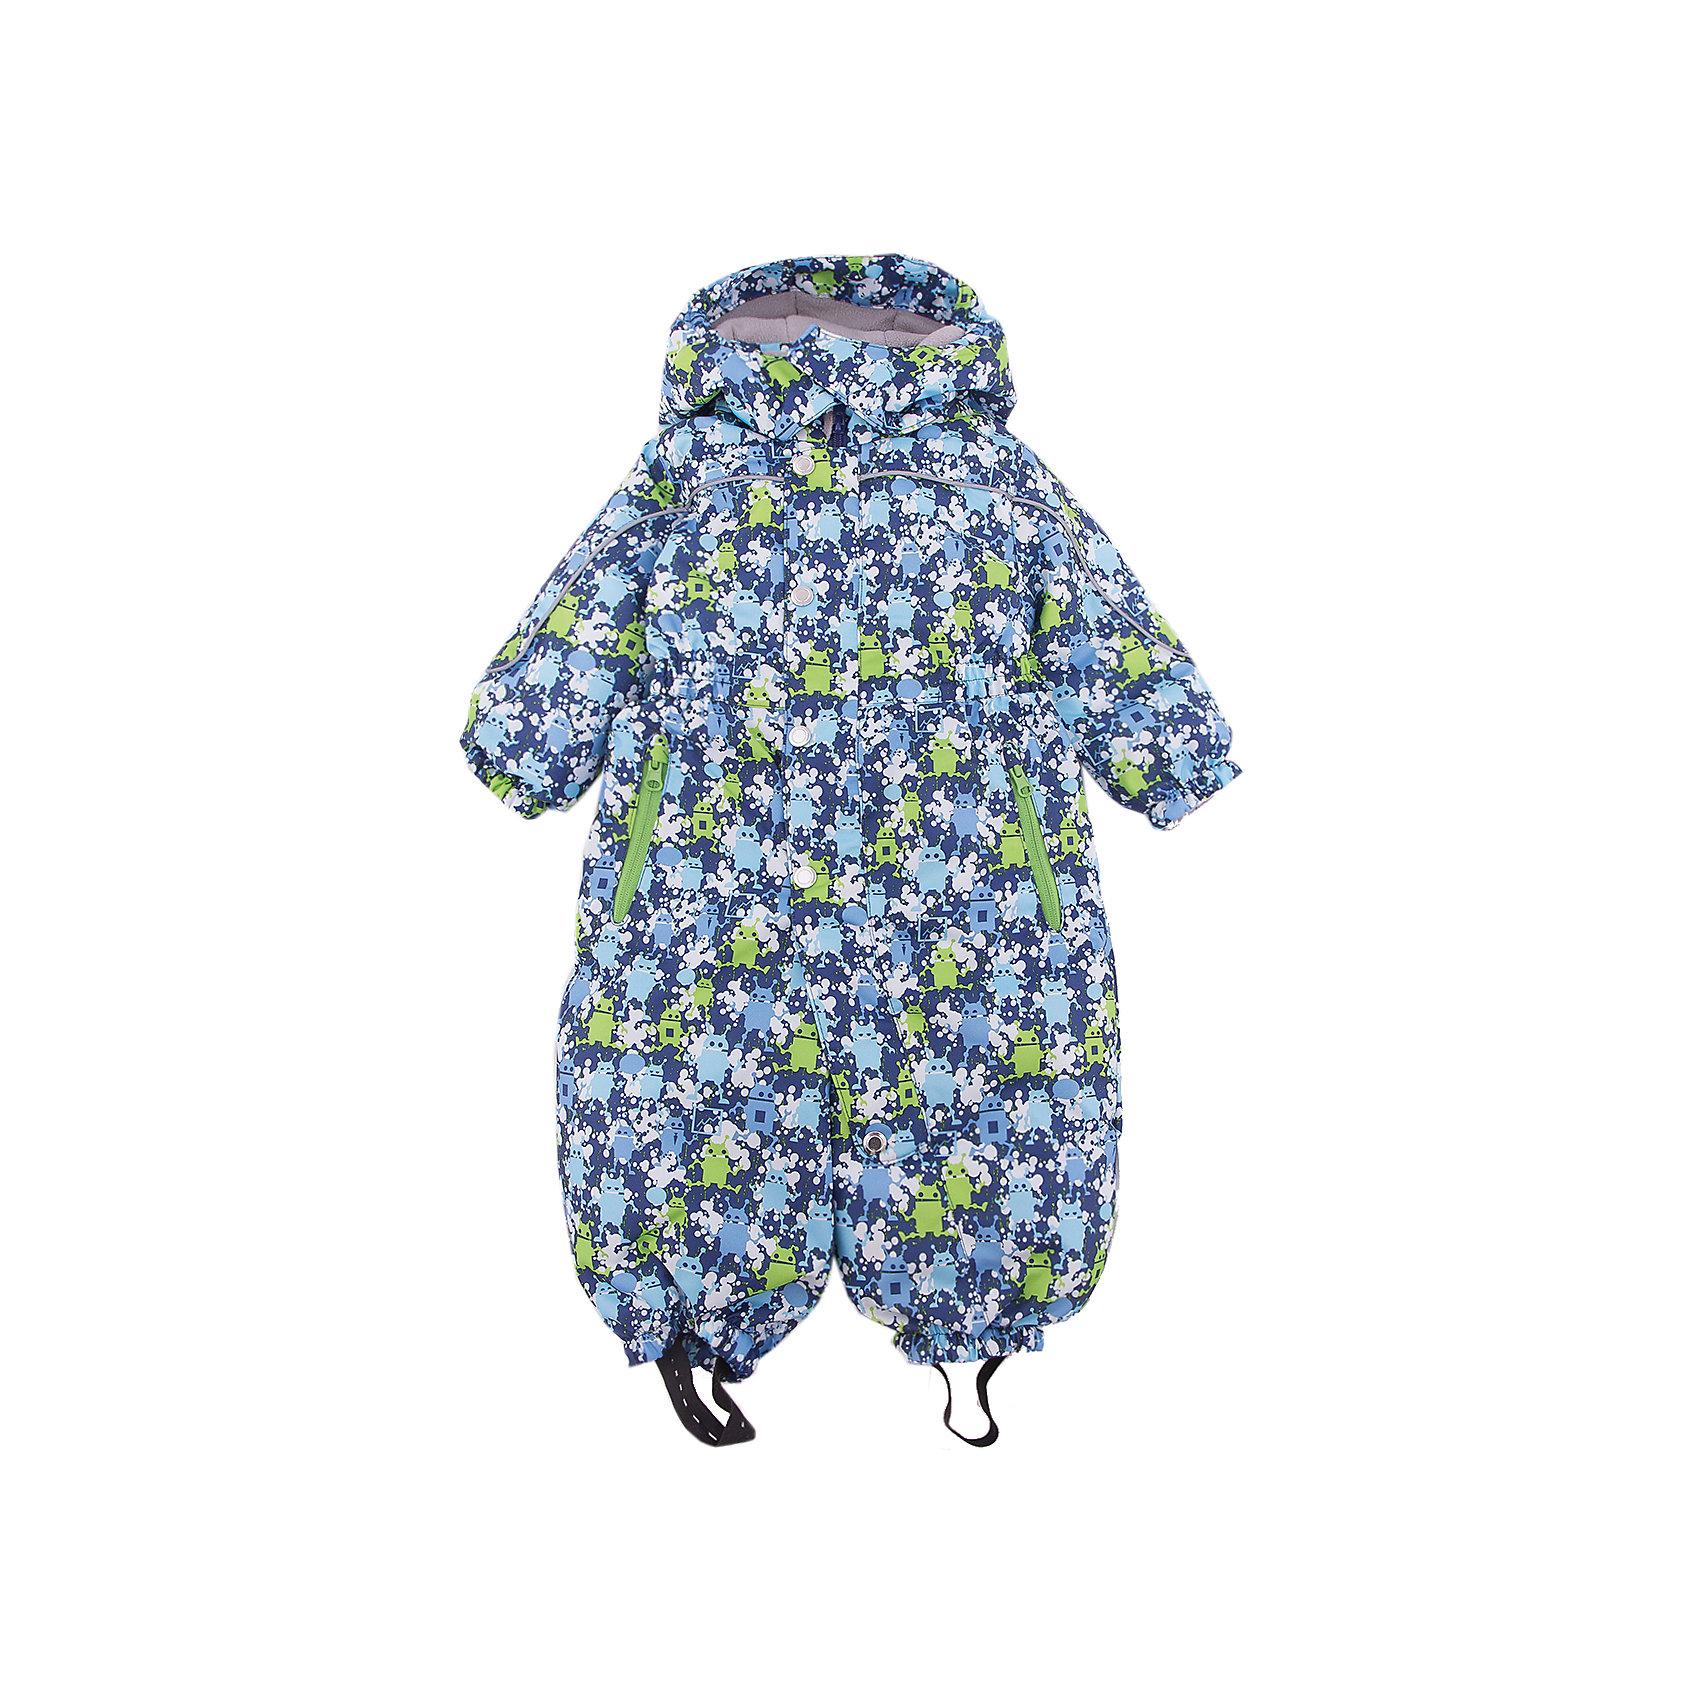 Комбинезон Санни OLDOS для мальчикаВерхняя одежда<br>Характеристики товара:<br><br>• цвет: синий<br>• состав ткани: полиэстер<br>• подкладка: флис, гладкий полиэстер<br>• утеплитель: Hollofan <br>• сезон: зима<br>• мембранное покрытие<br>• температурный режим: от -30 до 0<br>• водонепроницаемость: 2000 мм <br>• паропроницаемость: 2000 г/м2<br>• плотность утеплителя: 300 г/м2<br>• застежка: молния<br>• капюшон: без меха, съемный<br>• силиконовые штрипки<br>• страна бренда: Россия<br>• страна изготовитель: Россия<br><br>Зимний комбинезон дополнен съемными эластичными штрипками. Детский комбинезон благодаря мембранной технологии рассчитан даже на сильные морозы. Модный и практичный комбинезон от бренда Oldos отличается прочным верхом и теплым легким наполнителем. Этот детский комбинезон хорошо защищает от ветра и снега. <br><br>Комбинезон Санни Oldos (Олдос) для мальчика можно купить в нашем интернет-магазине.<br><br>Ширина мм: 356<br>Глубина мм: 10<br>Высота мм: 245<br>Вес г: 519<br>Цвет: синий<br>Возраст от месяцев: 12<br>Возраст до месяцев: 18<br>Пол: Мужской<br>Возраст: Детский<br>Размер: 86,92,80<br>SKU: 7016300